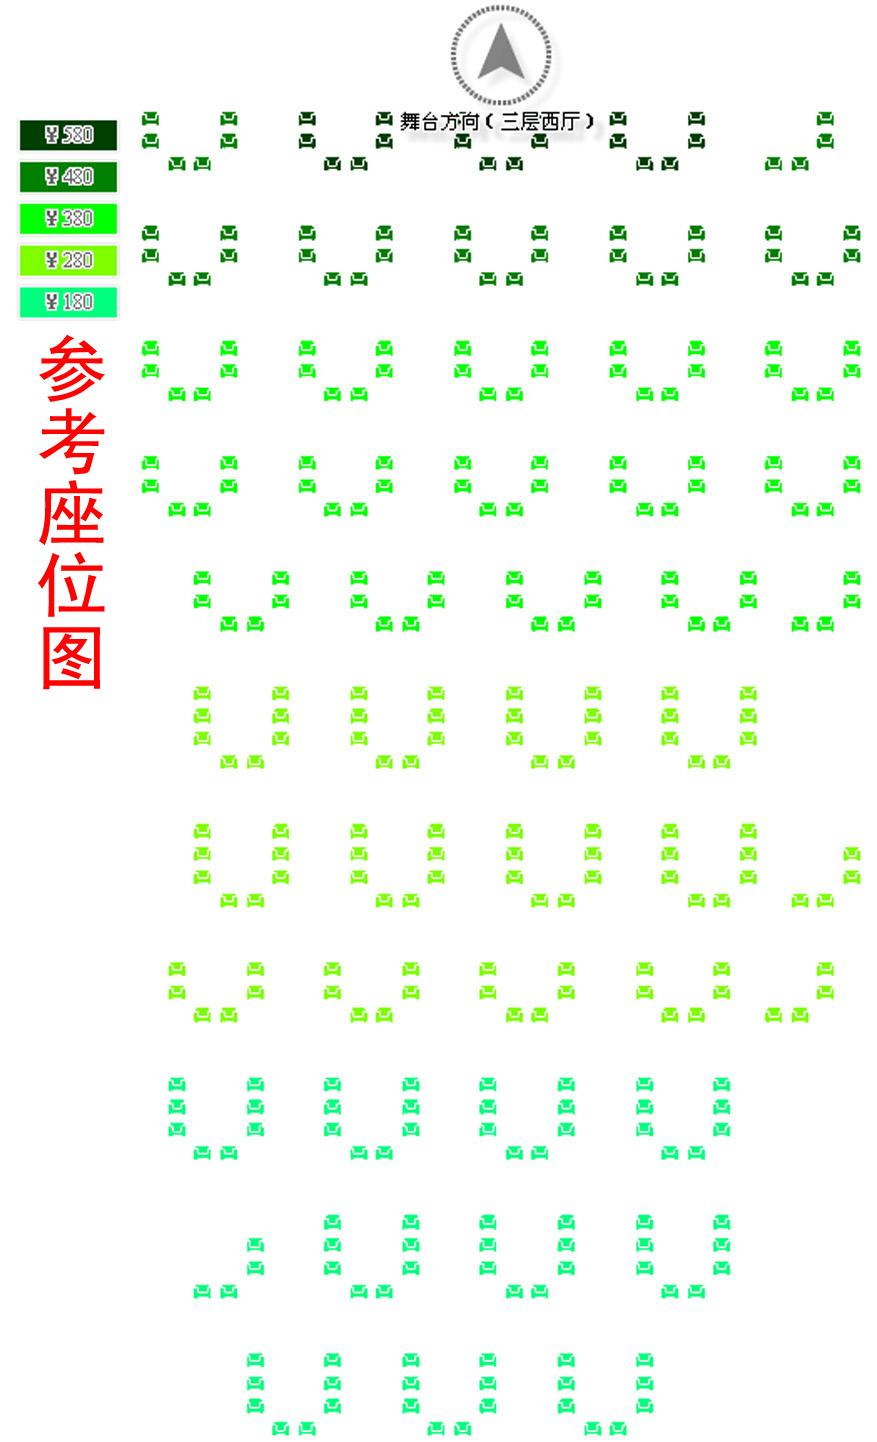 2020北京老舍茶館座位圖